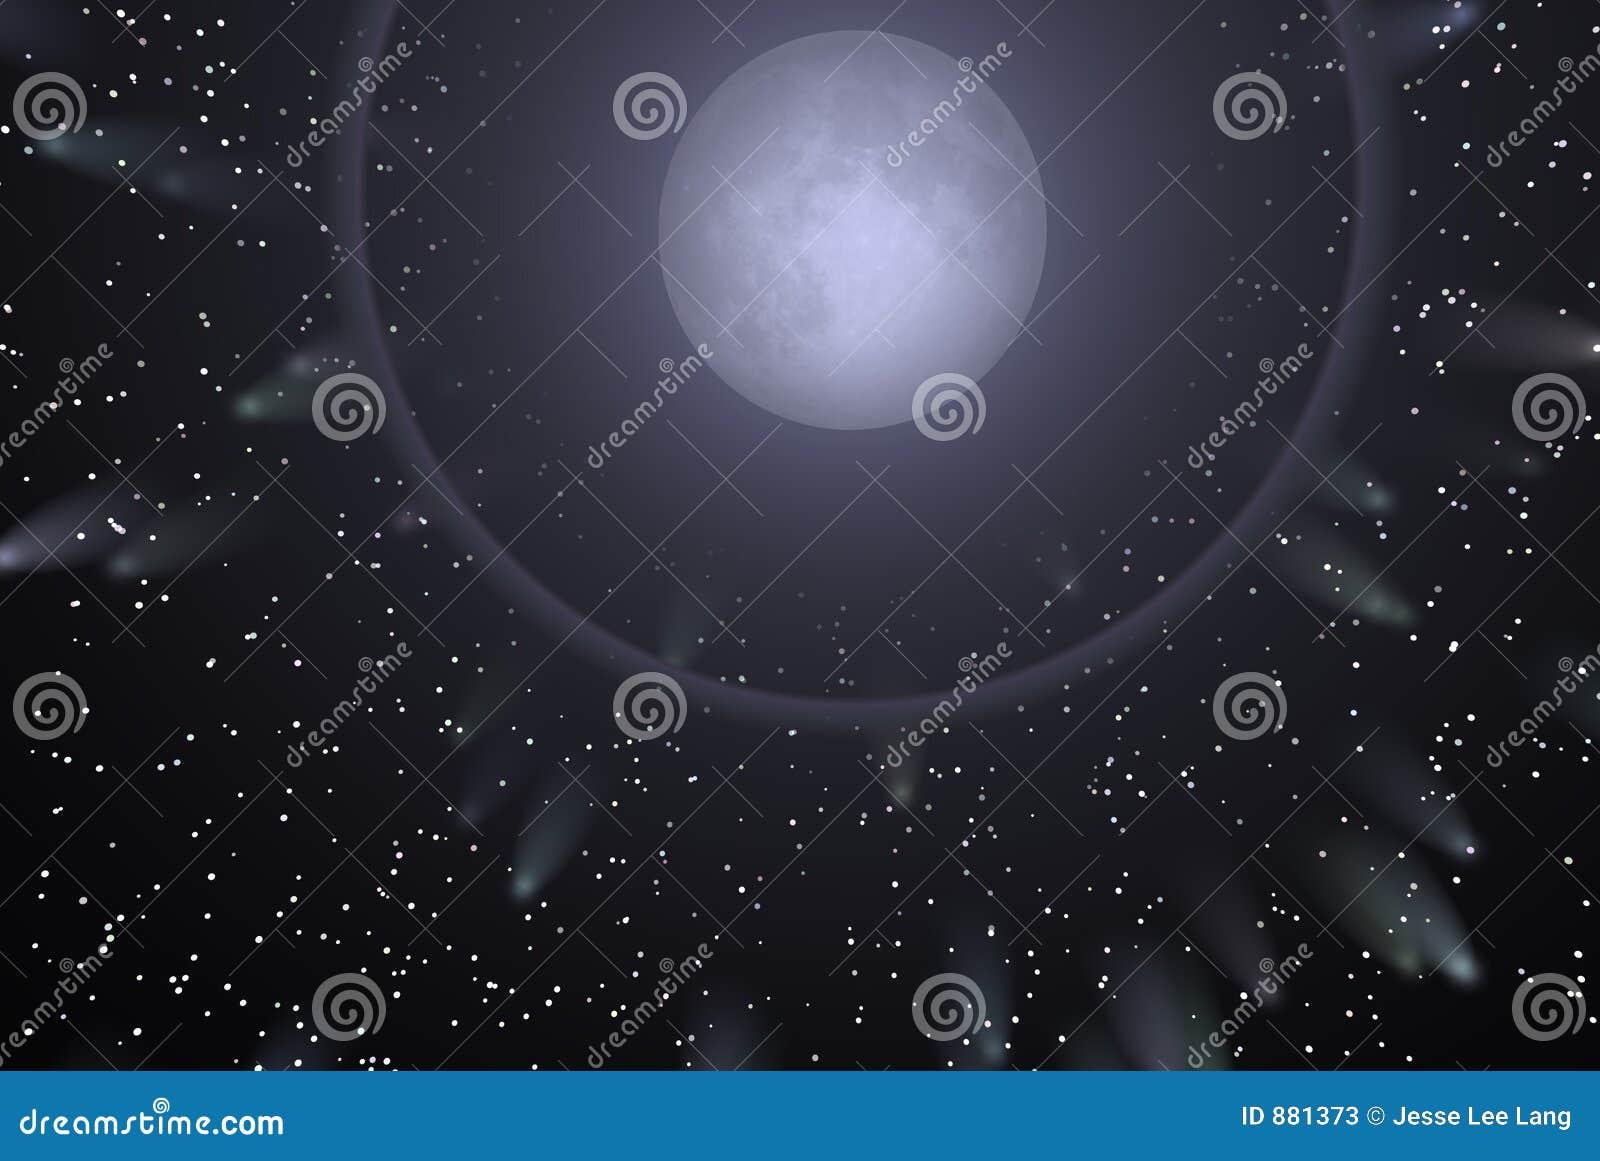 Księżycu, gwiazdach